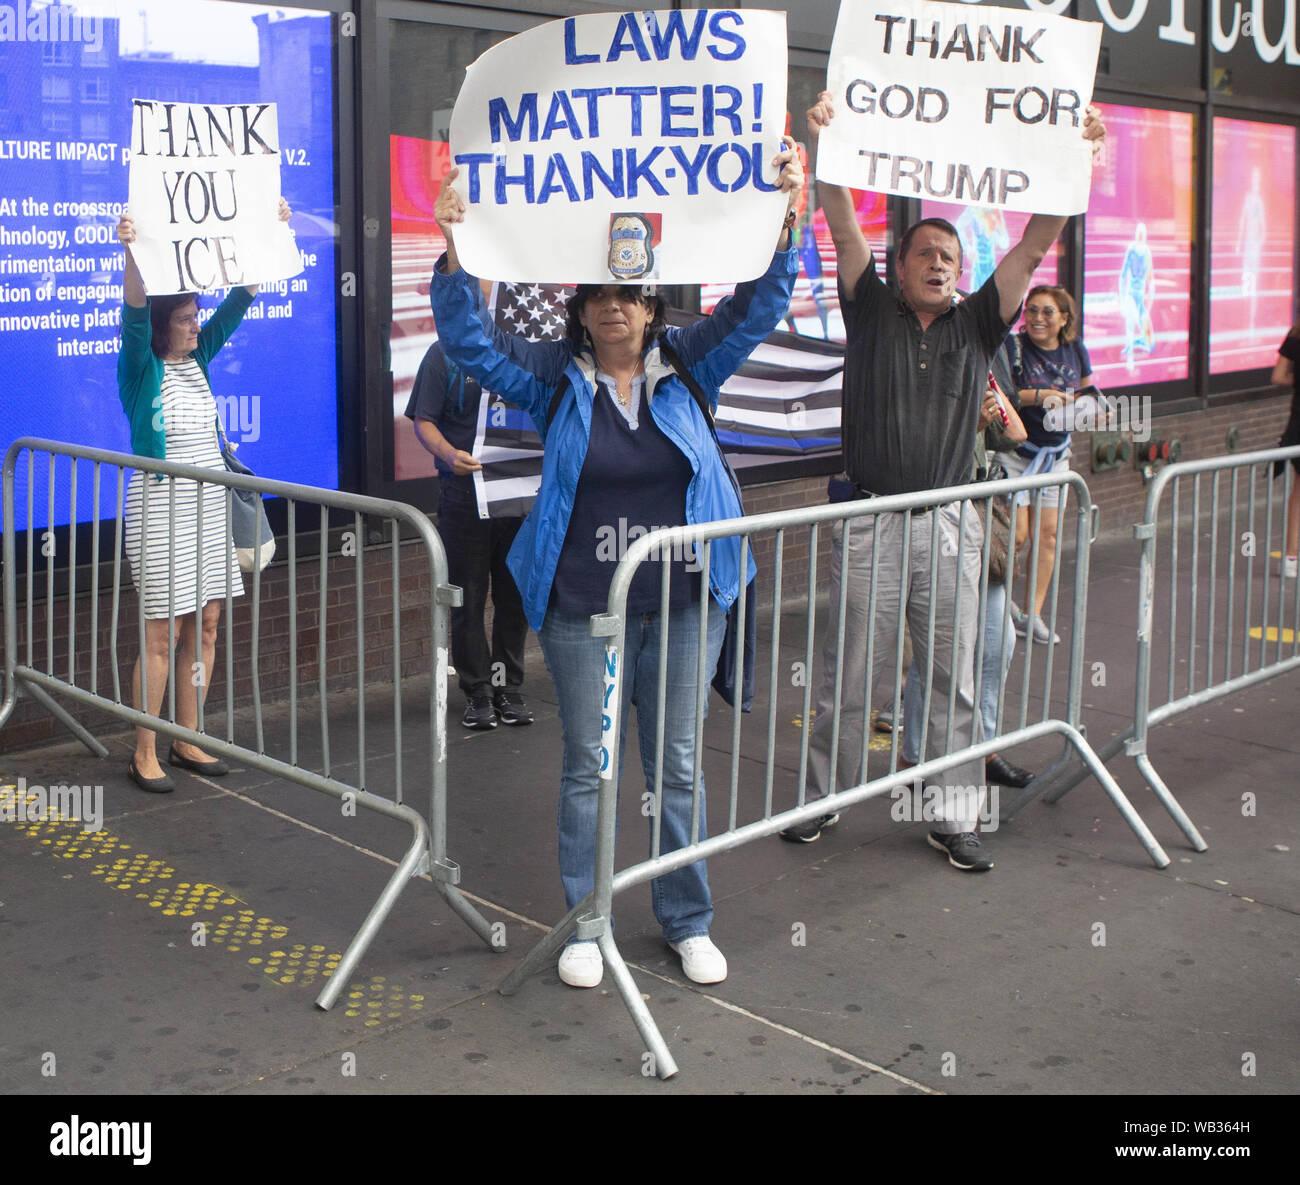 23 août 2019: les partisans d'Atout et anti-manifestants pendant une protestation contre Greyhound Corporation et de la glace et de l'exécution des douanes (Immigration) au Port Authority Bus Terminal sur la 42e et la 8e Avenue à New York, New York. Environ 100 militants d'une coalition de groupes, y compris les incendies (lutte pour les réfugiés immigrants partout) a protesté contre la glace permettant d'agents Greyhound board leur bus 'Searching'' pour les migrants, ont dit. Crédit: Brian Branch:/ZUMA/Alamy Fil Live News Banque D'Images